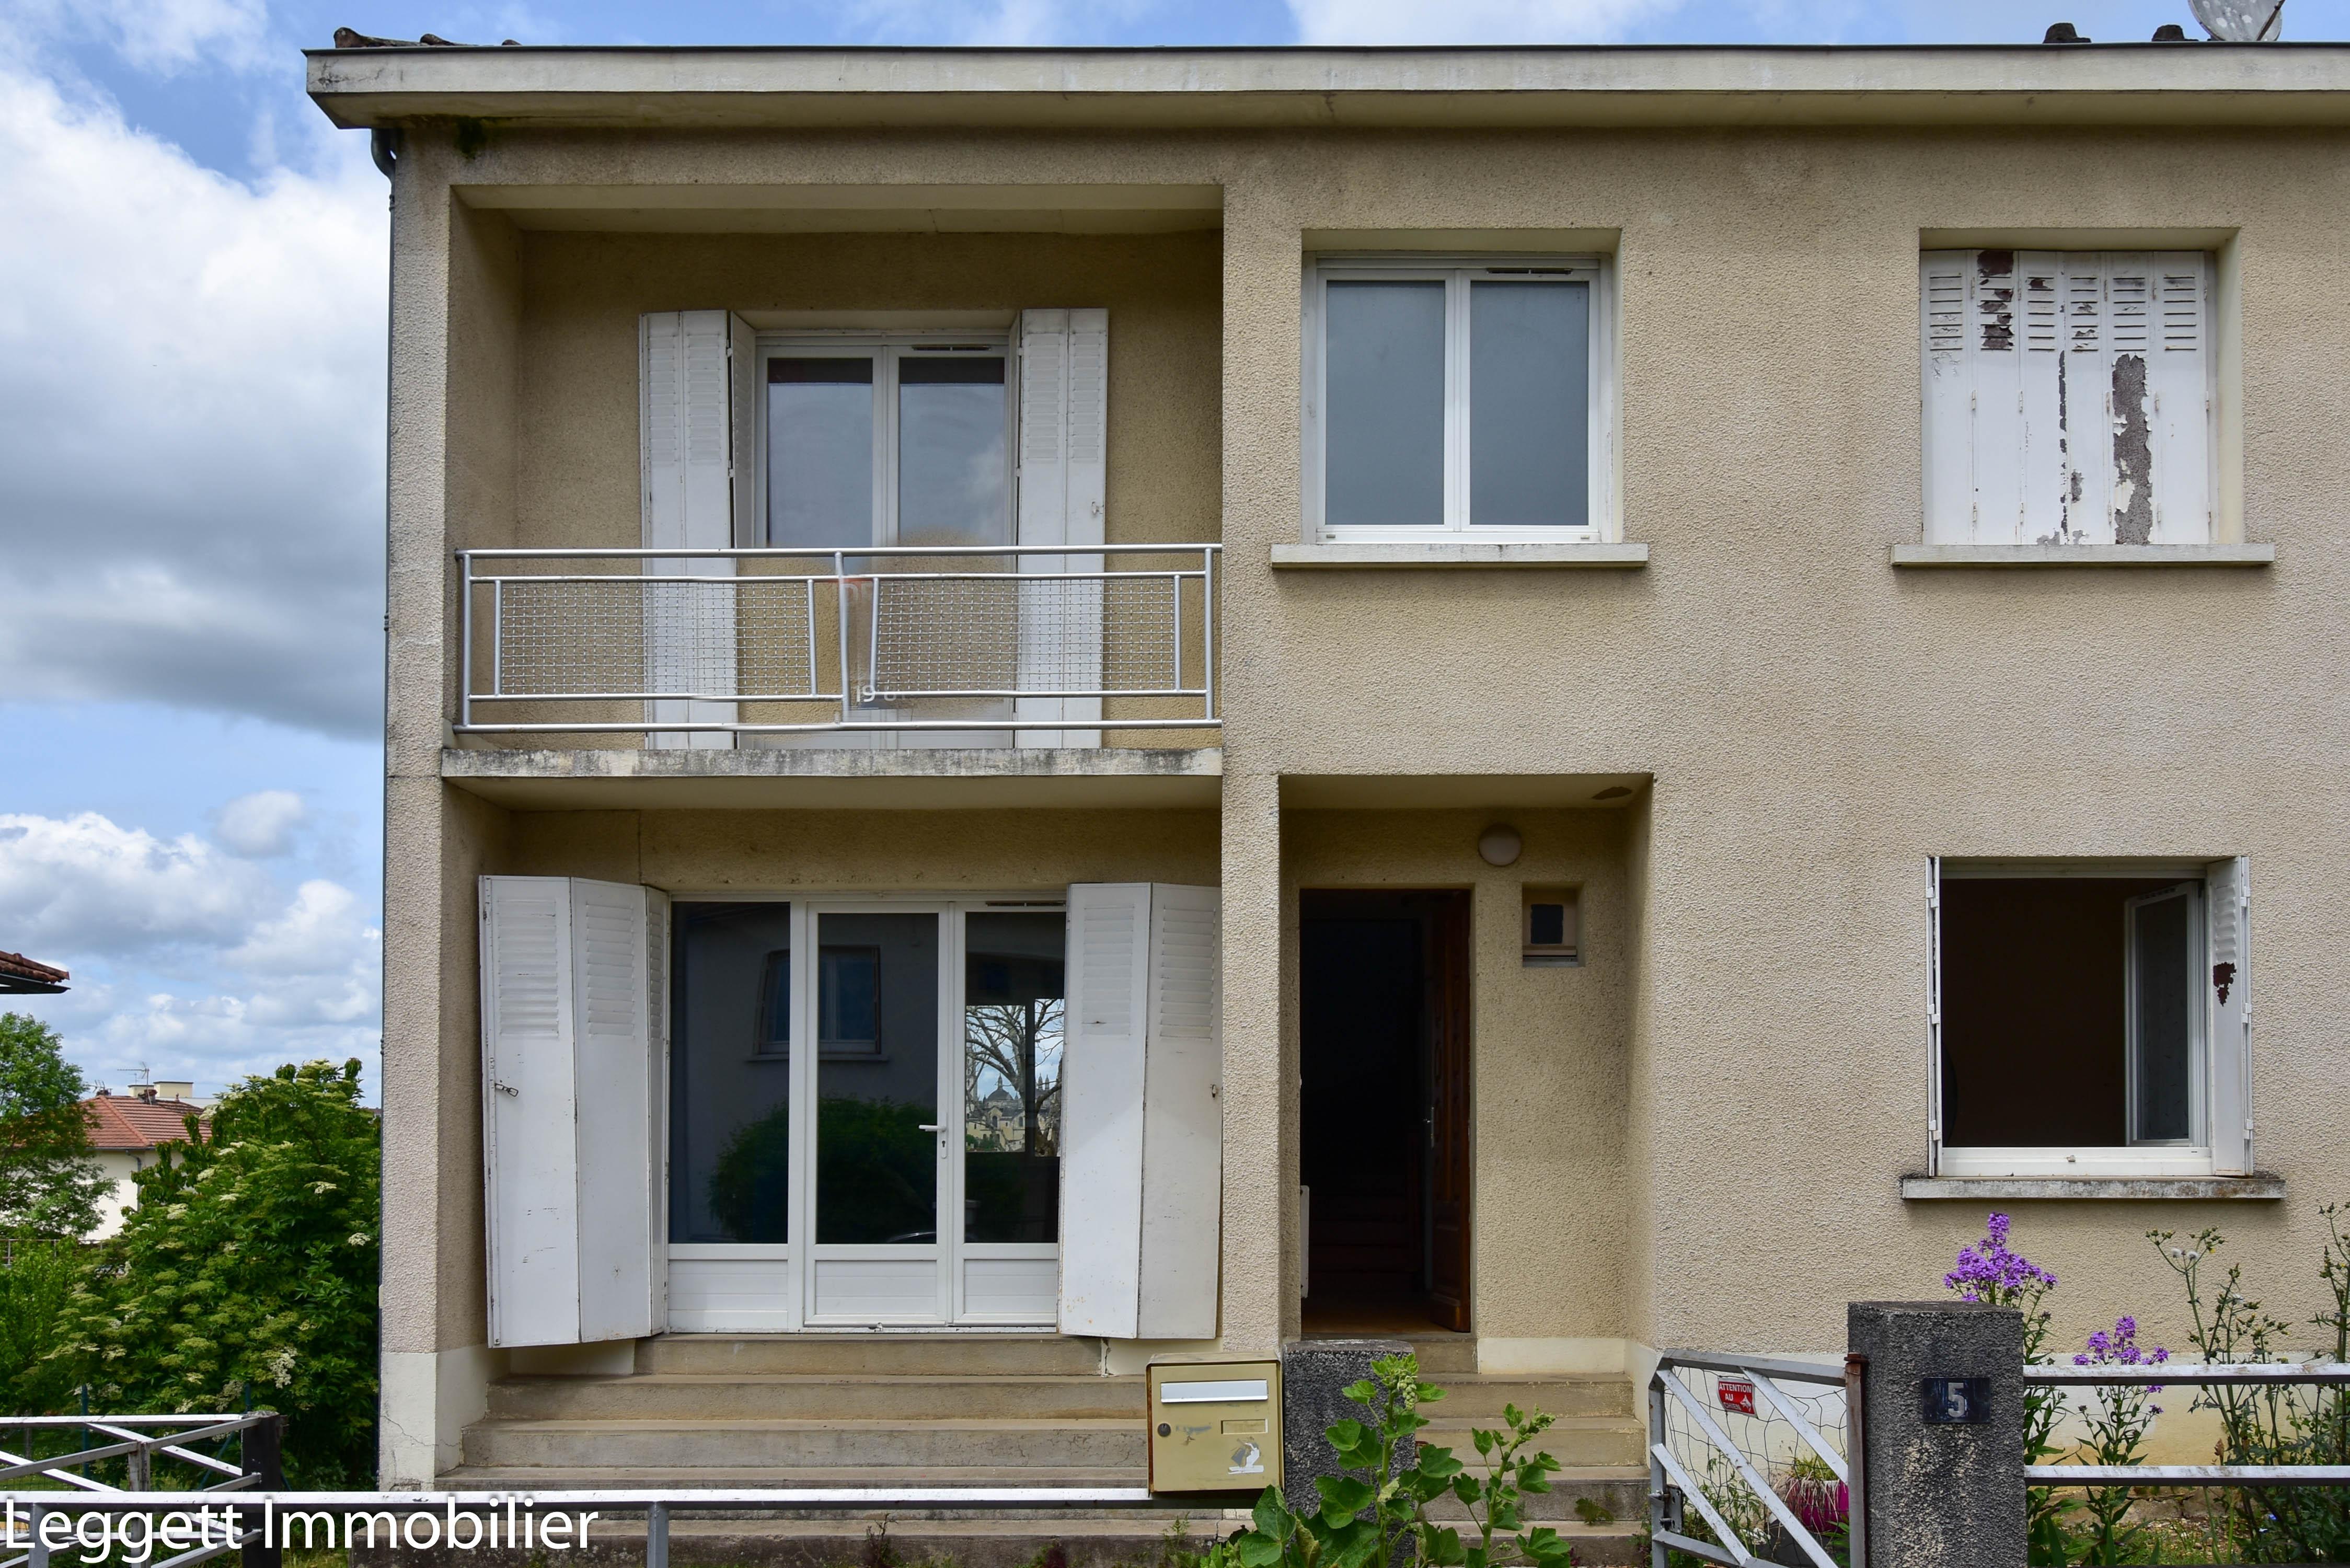 Spacieuse et lumineuse maison jumelée de 5 chambres avec garage, proche du centre-ville de Périgueux